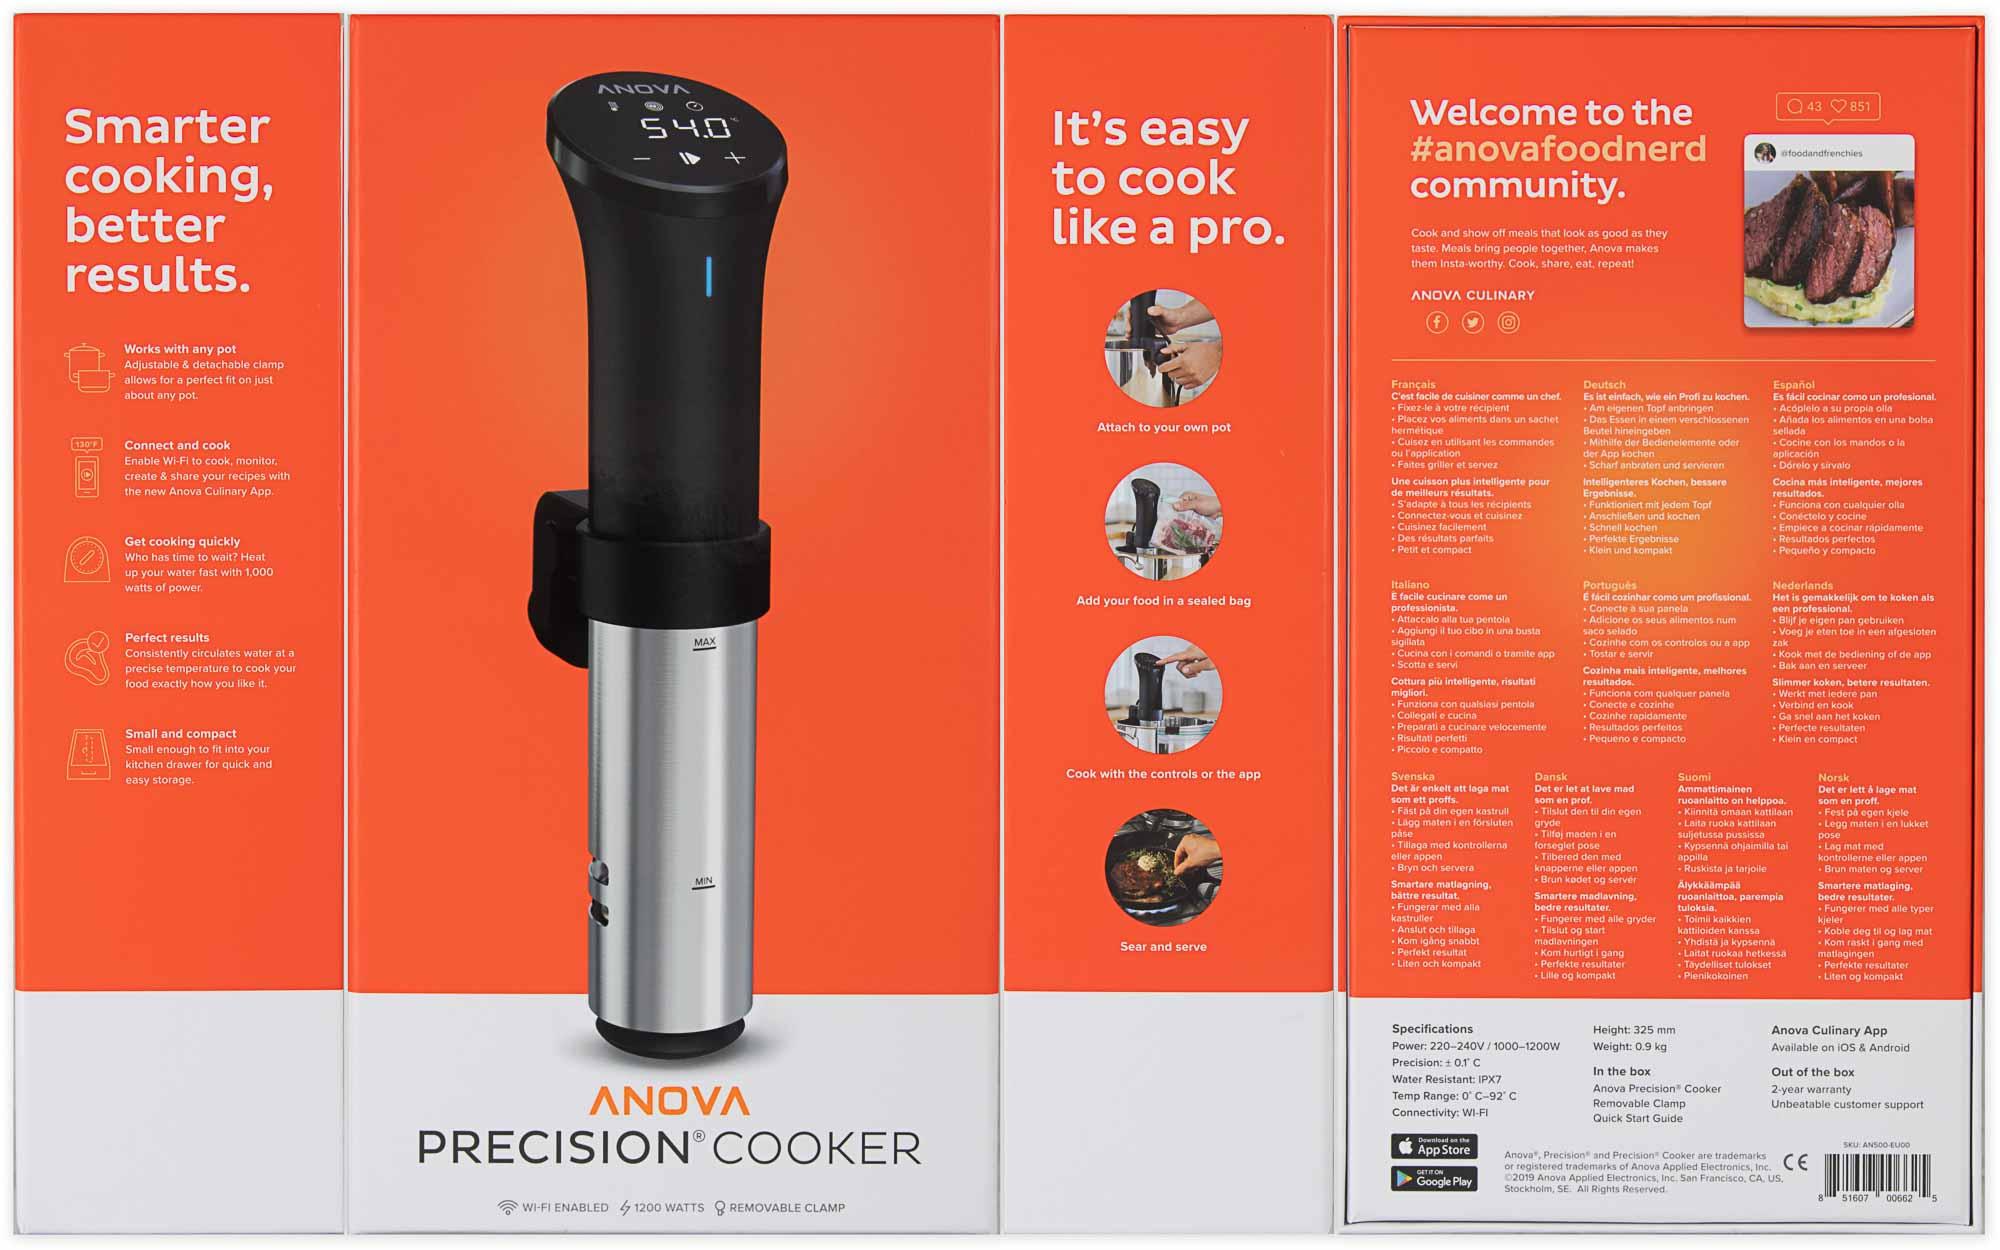 anova_precision_cooker_01